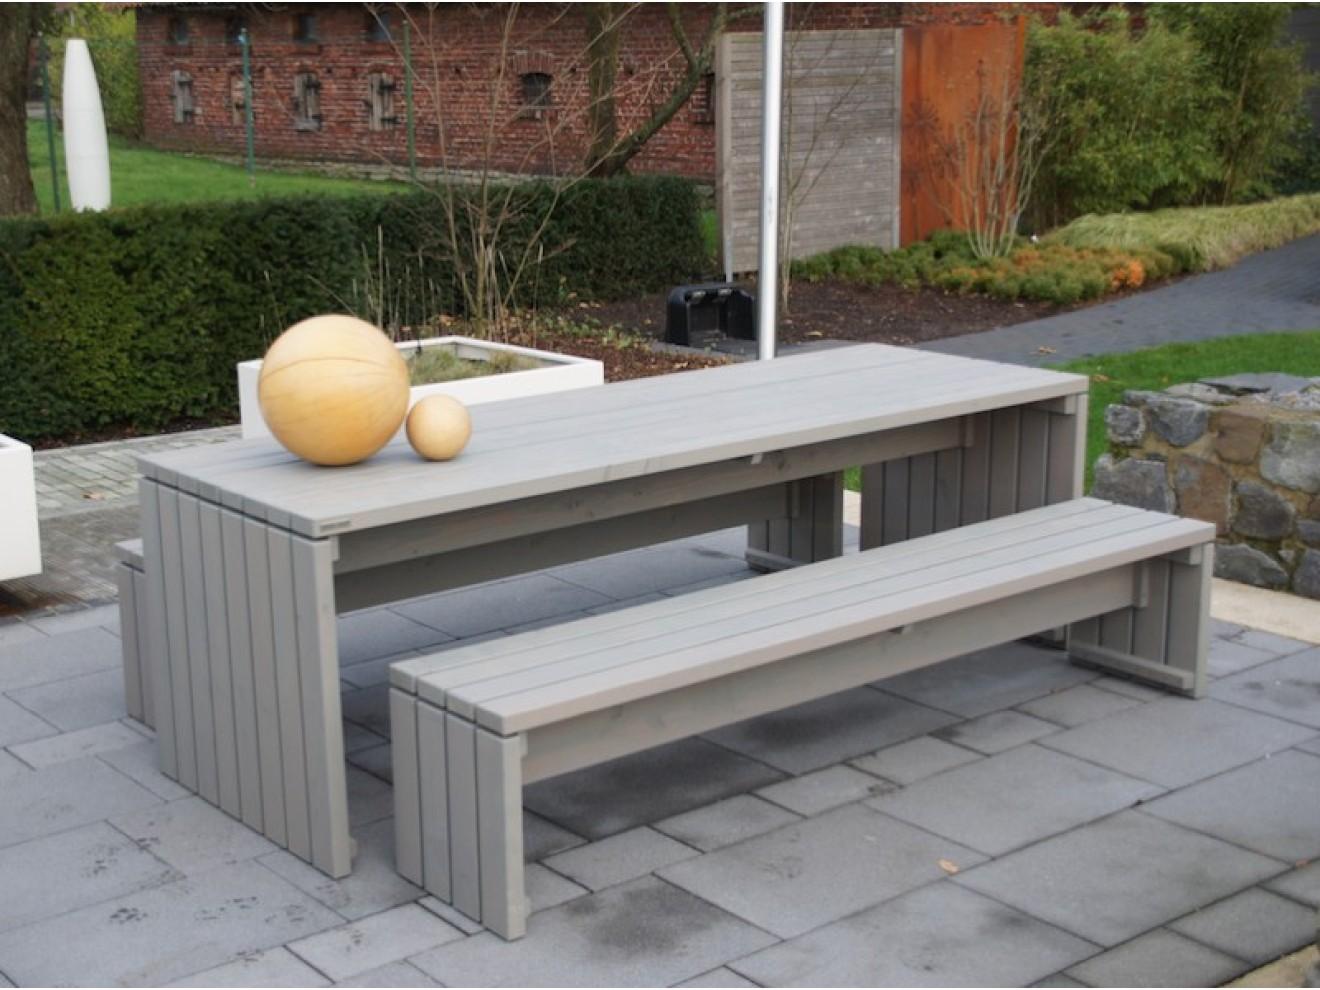 Gartenmöbel set holz grau  Gartentisch - Zeitlose Gartenmöbel aus heimischem Holz